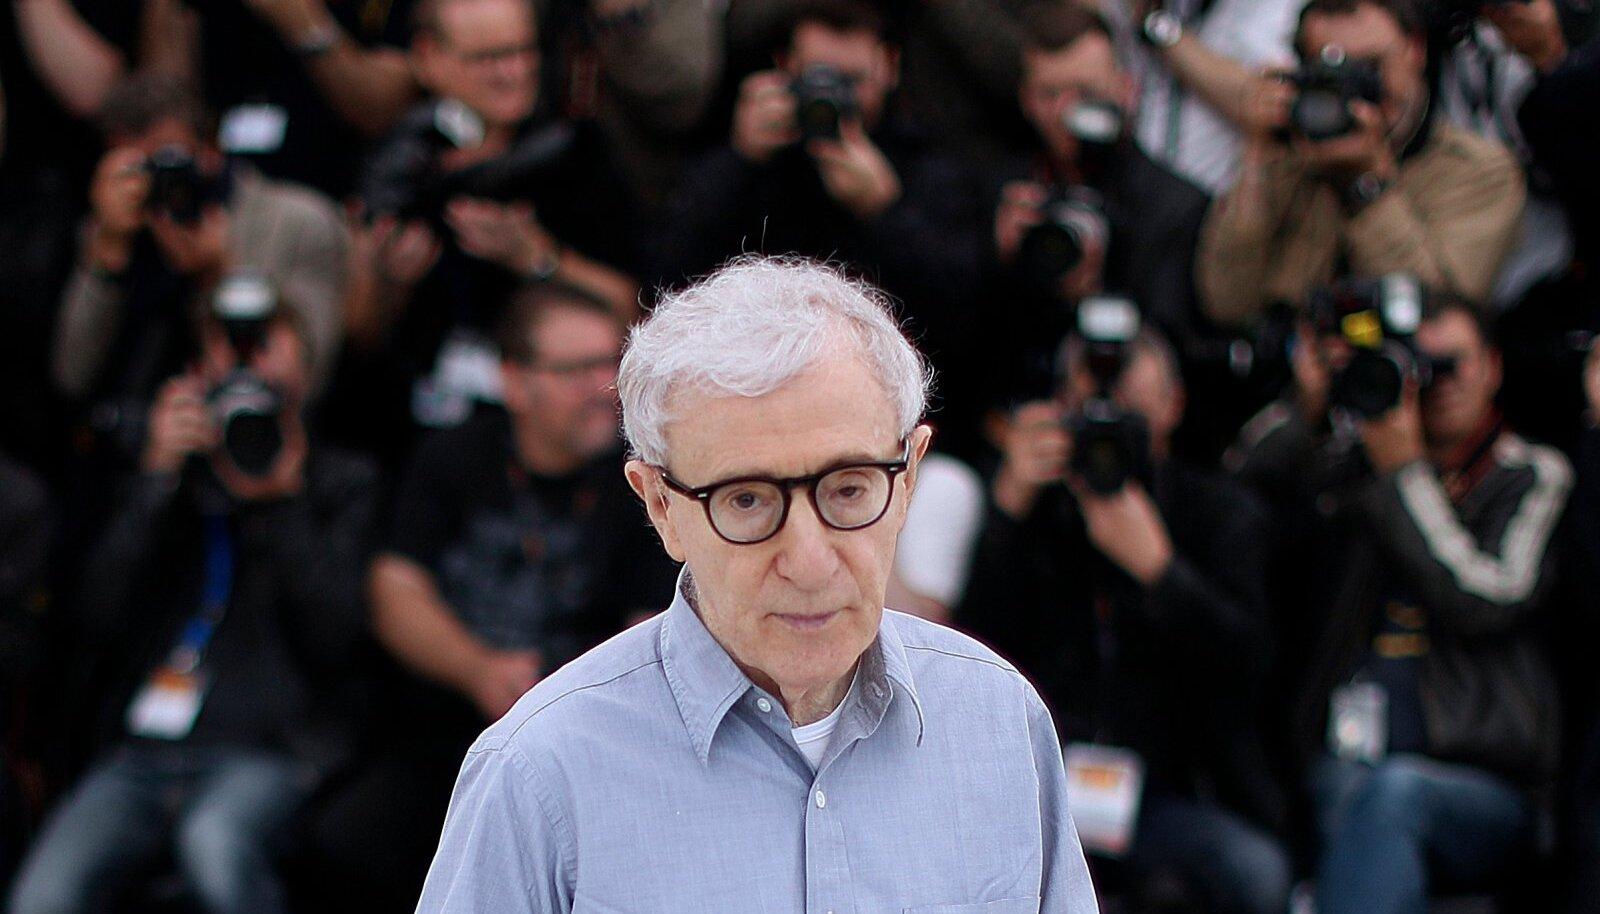 GEENIUS VÕI KURJATEGIJA? Meie aja üks ikoonilisemaid filmilavastajaid Woody Allen seisab juba ligi 30 aastat silmitsi pedofiiliasüüdistustega.